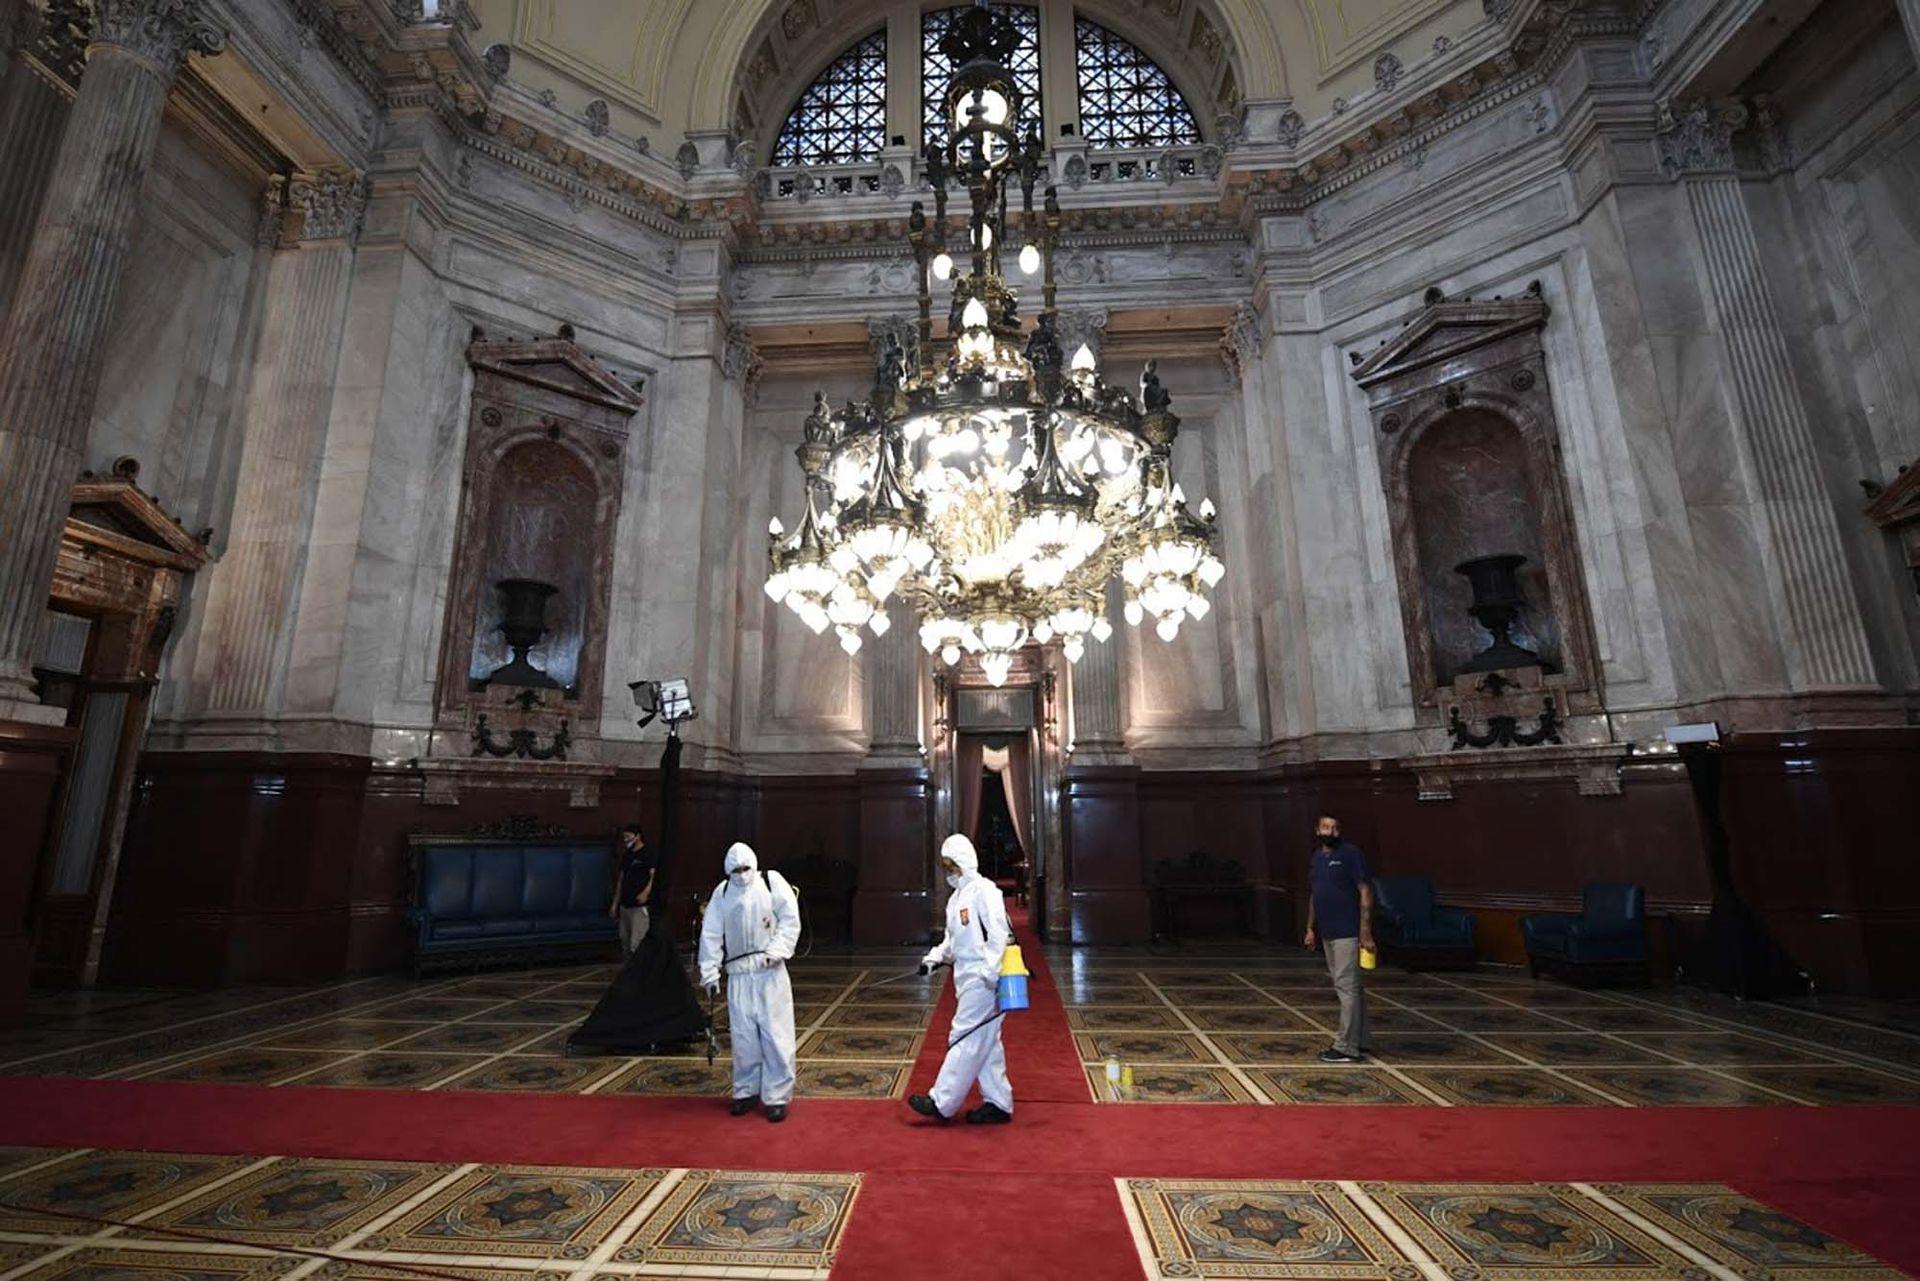 Preparativos en el Congreso de la Nación previos a la 139 Asamblea Legislativa, en Buenos Aires